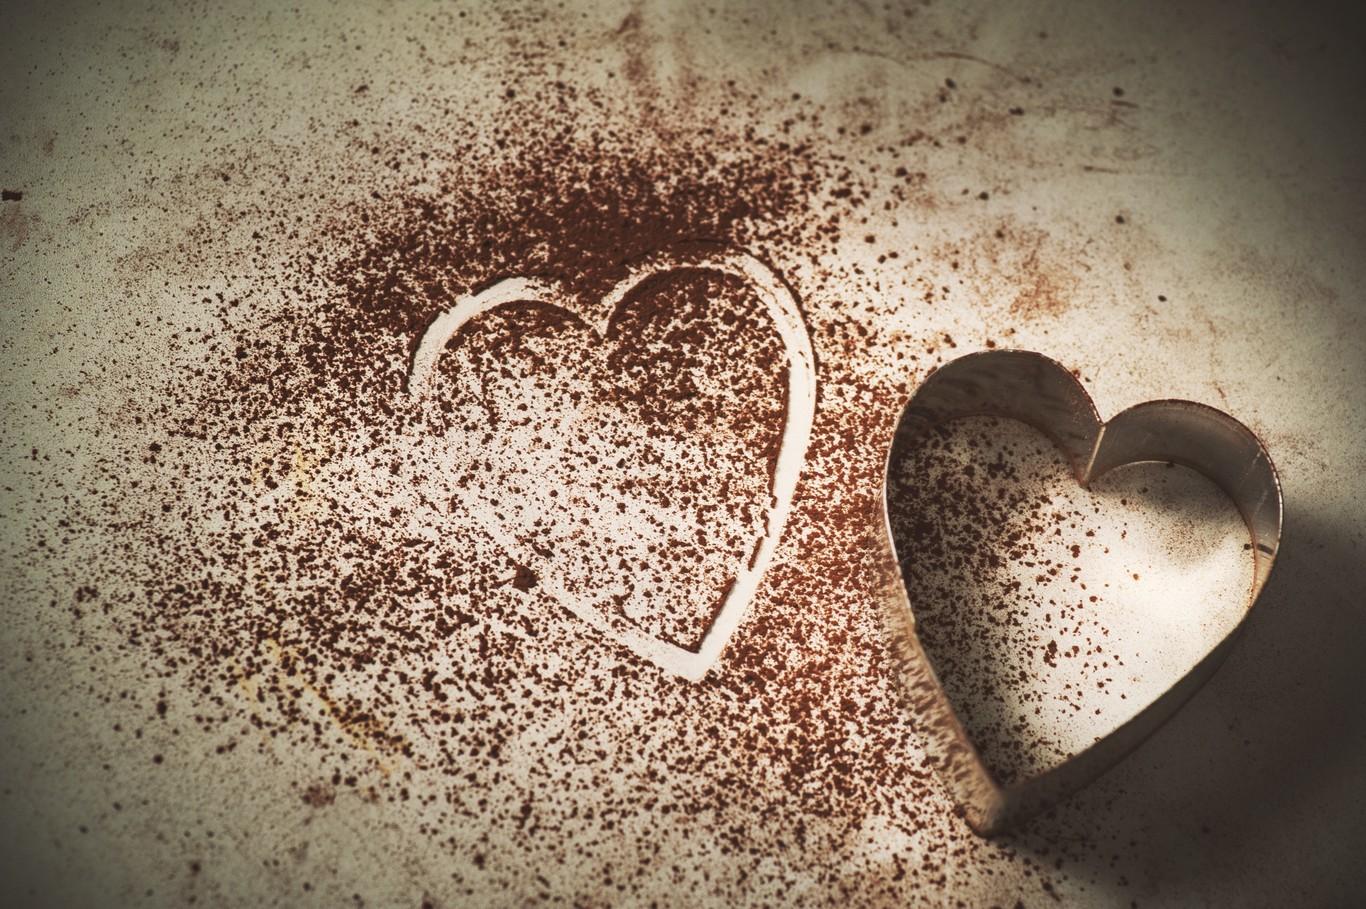 cioccolato di qualità